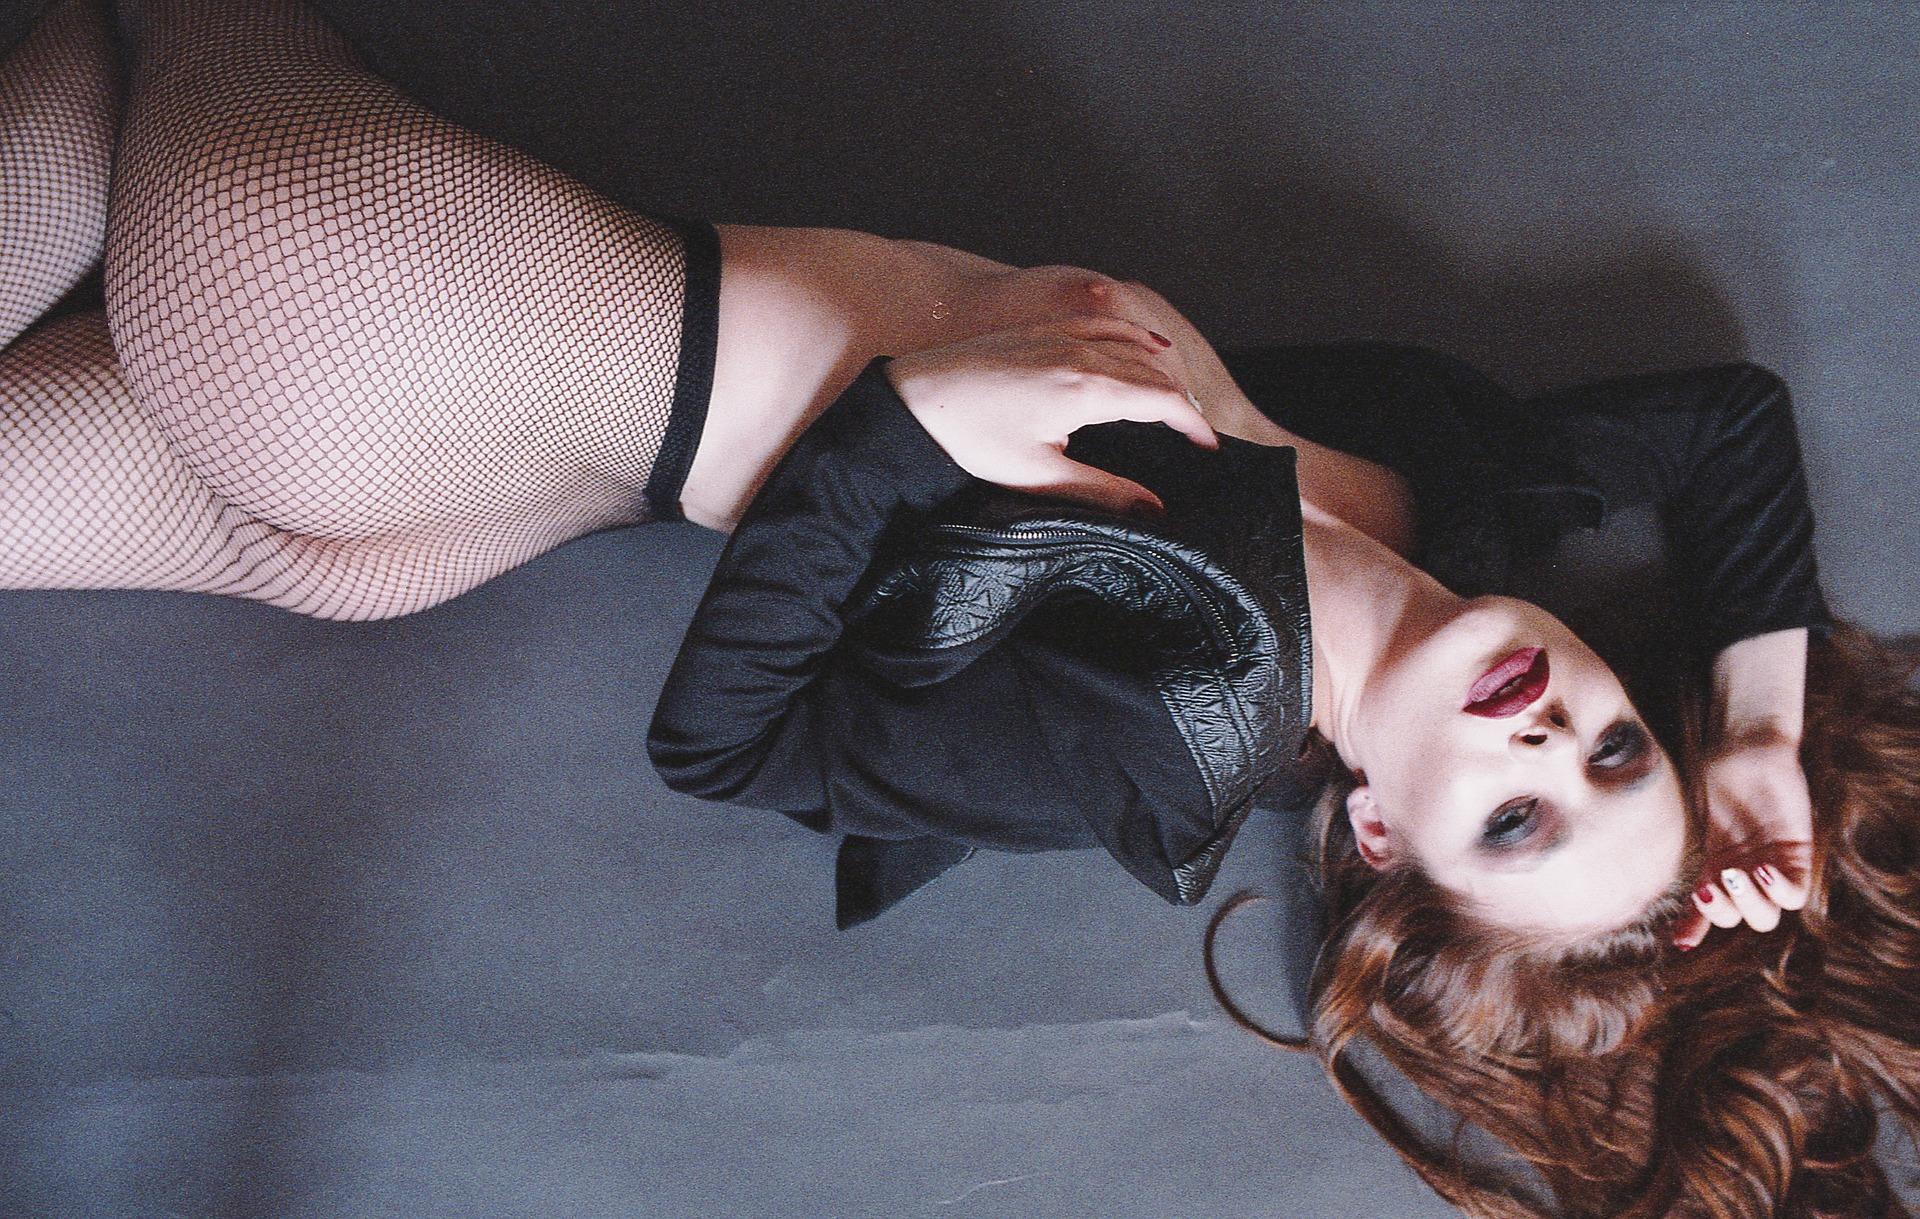 erotic-2285488_1920